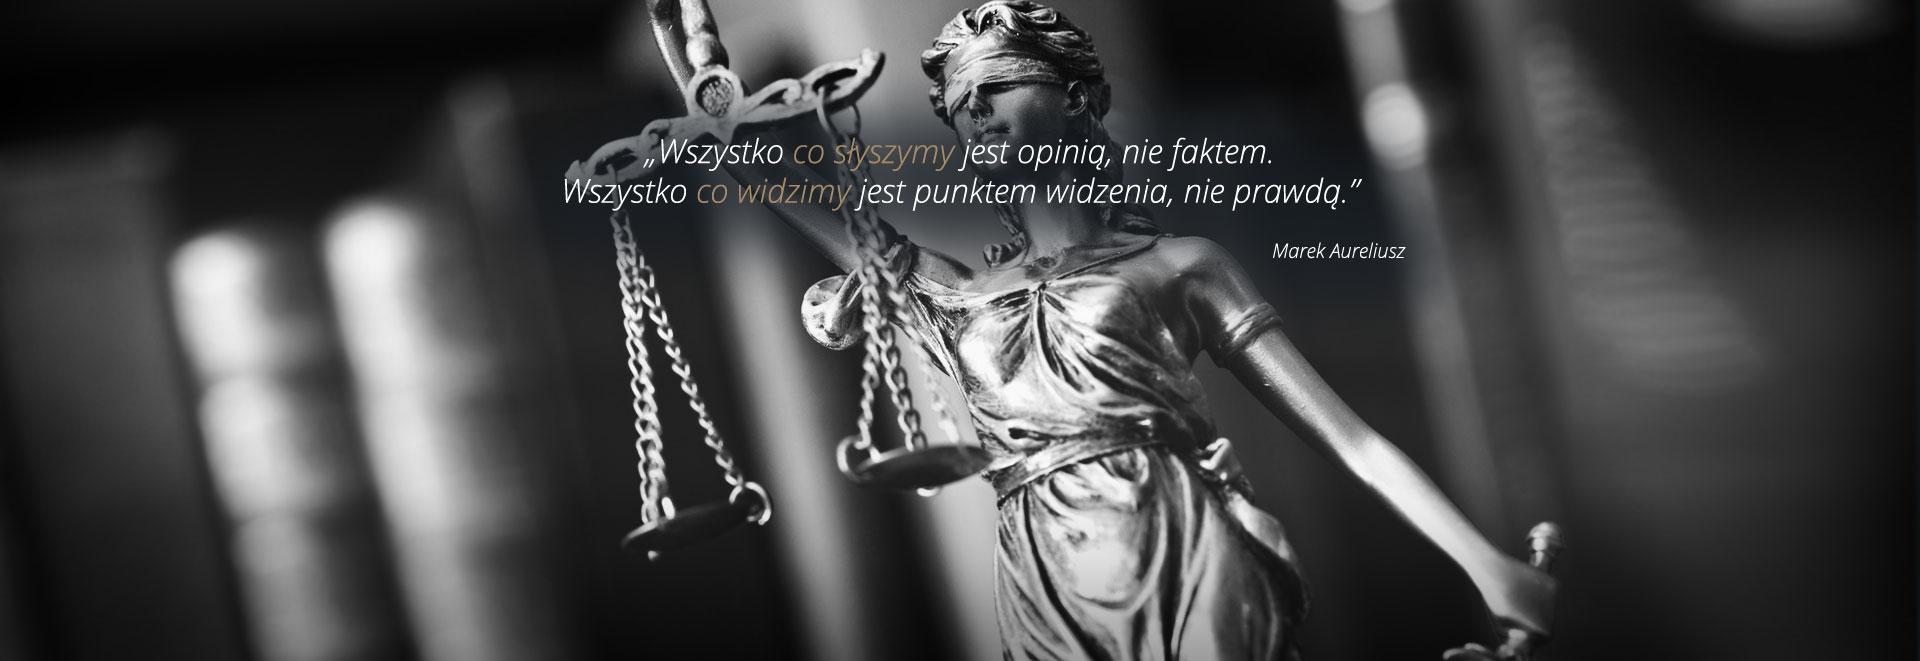 ULTIMA RATIO Sp. z o.o. – Kancelaria Prawno Dochodzeniowa | Adwokat, Księgowość, Windykacja, Spółki – Jarocin, Krotoszyn, Poznań